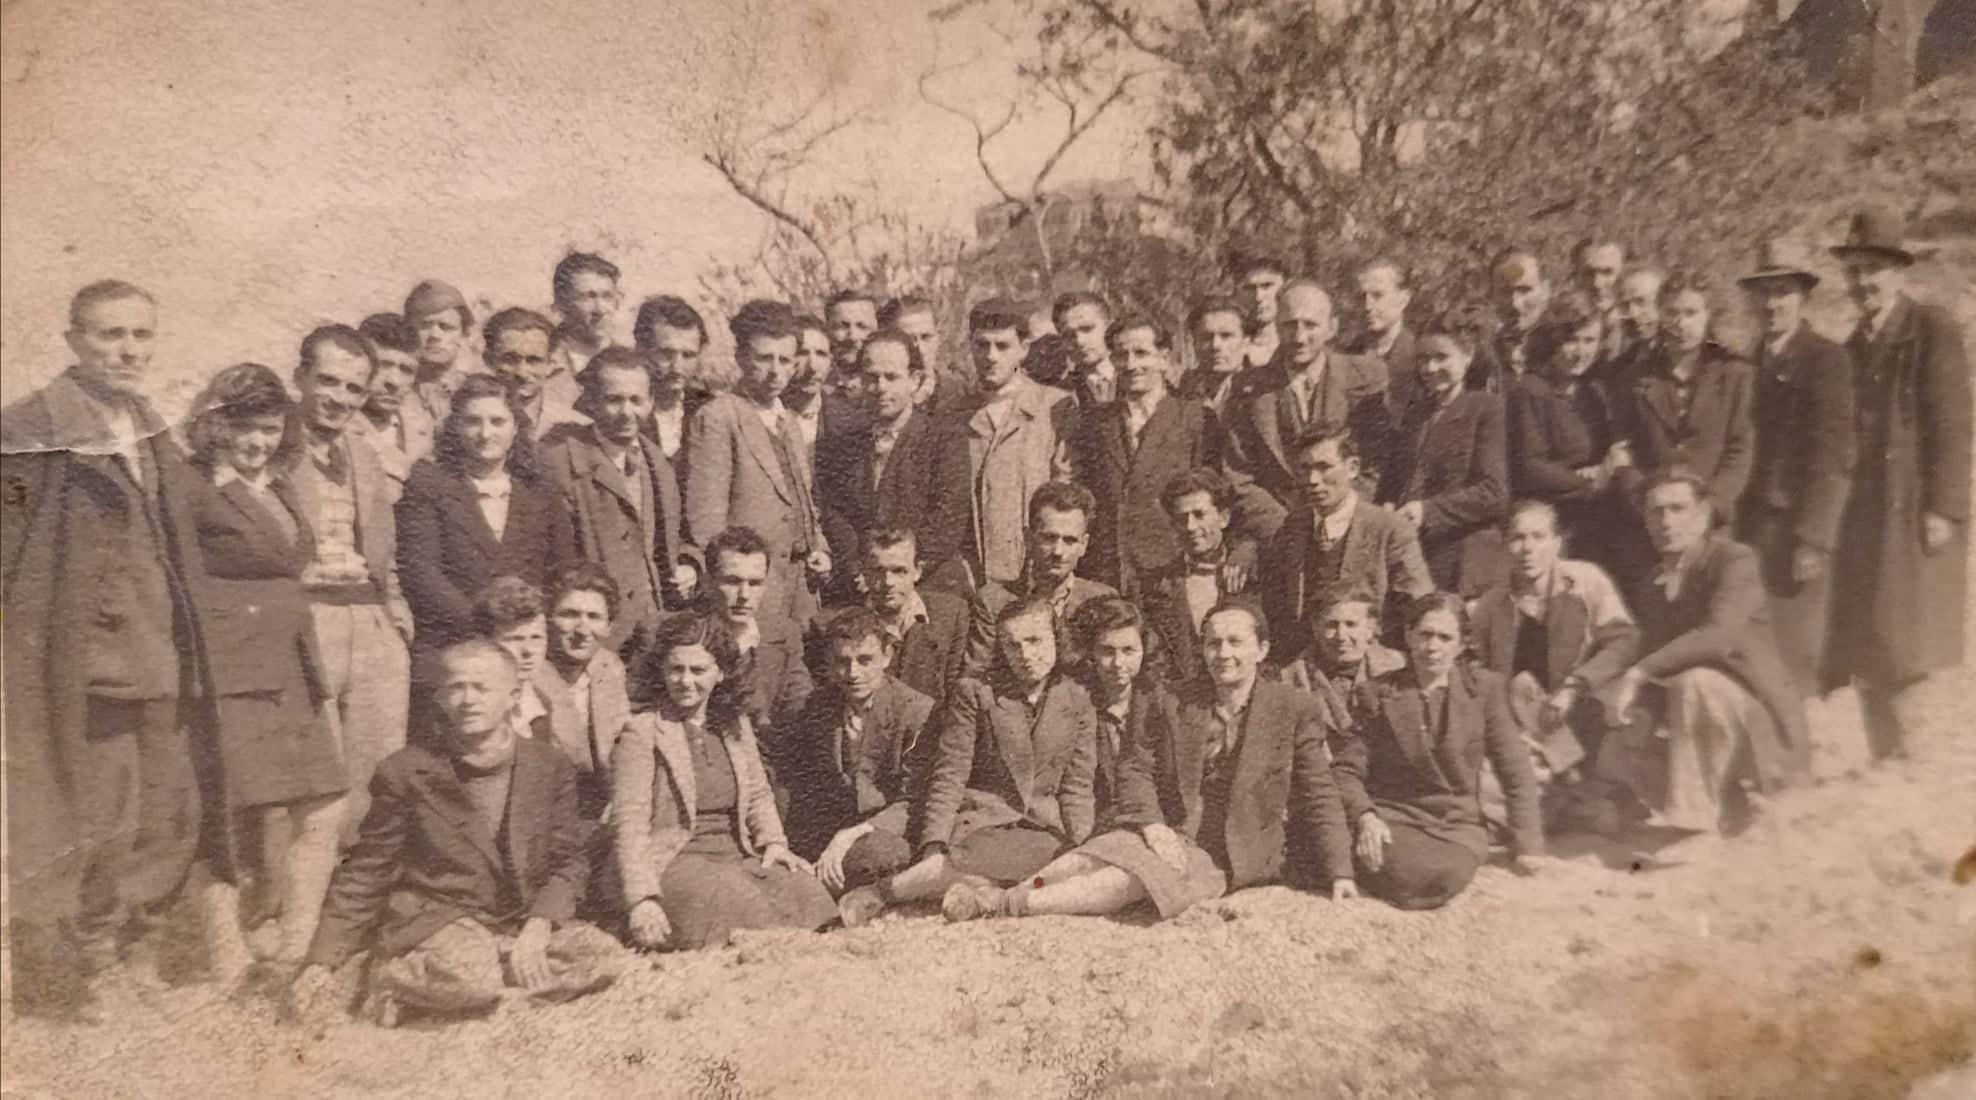 Kujtesë/ Kristaq Çabeli Drejtori i Parë i Ndërmarrjes së Shërbimeve në Gjirokastër dhe Kjo Foto e Vitit 1948 që Zgjon Kujtime!